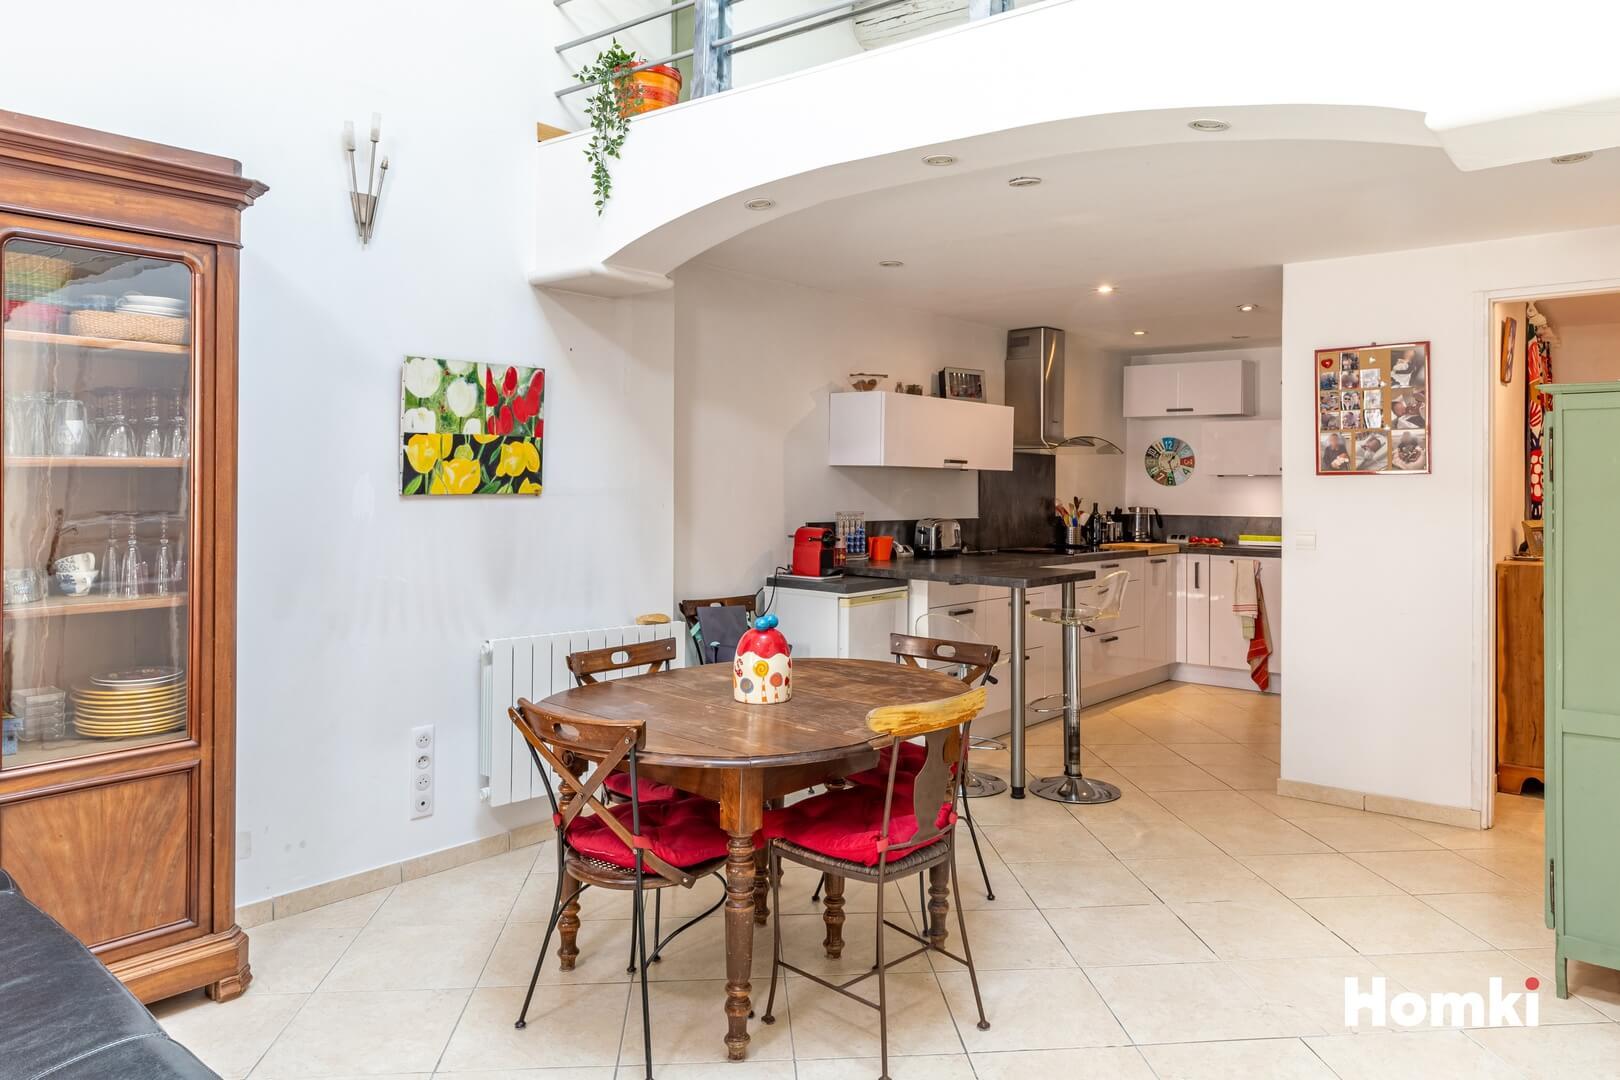 Homki - Vente Appartement  de 82.0 m² à La Ciotat 13600